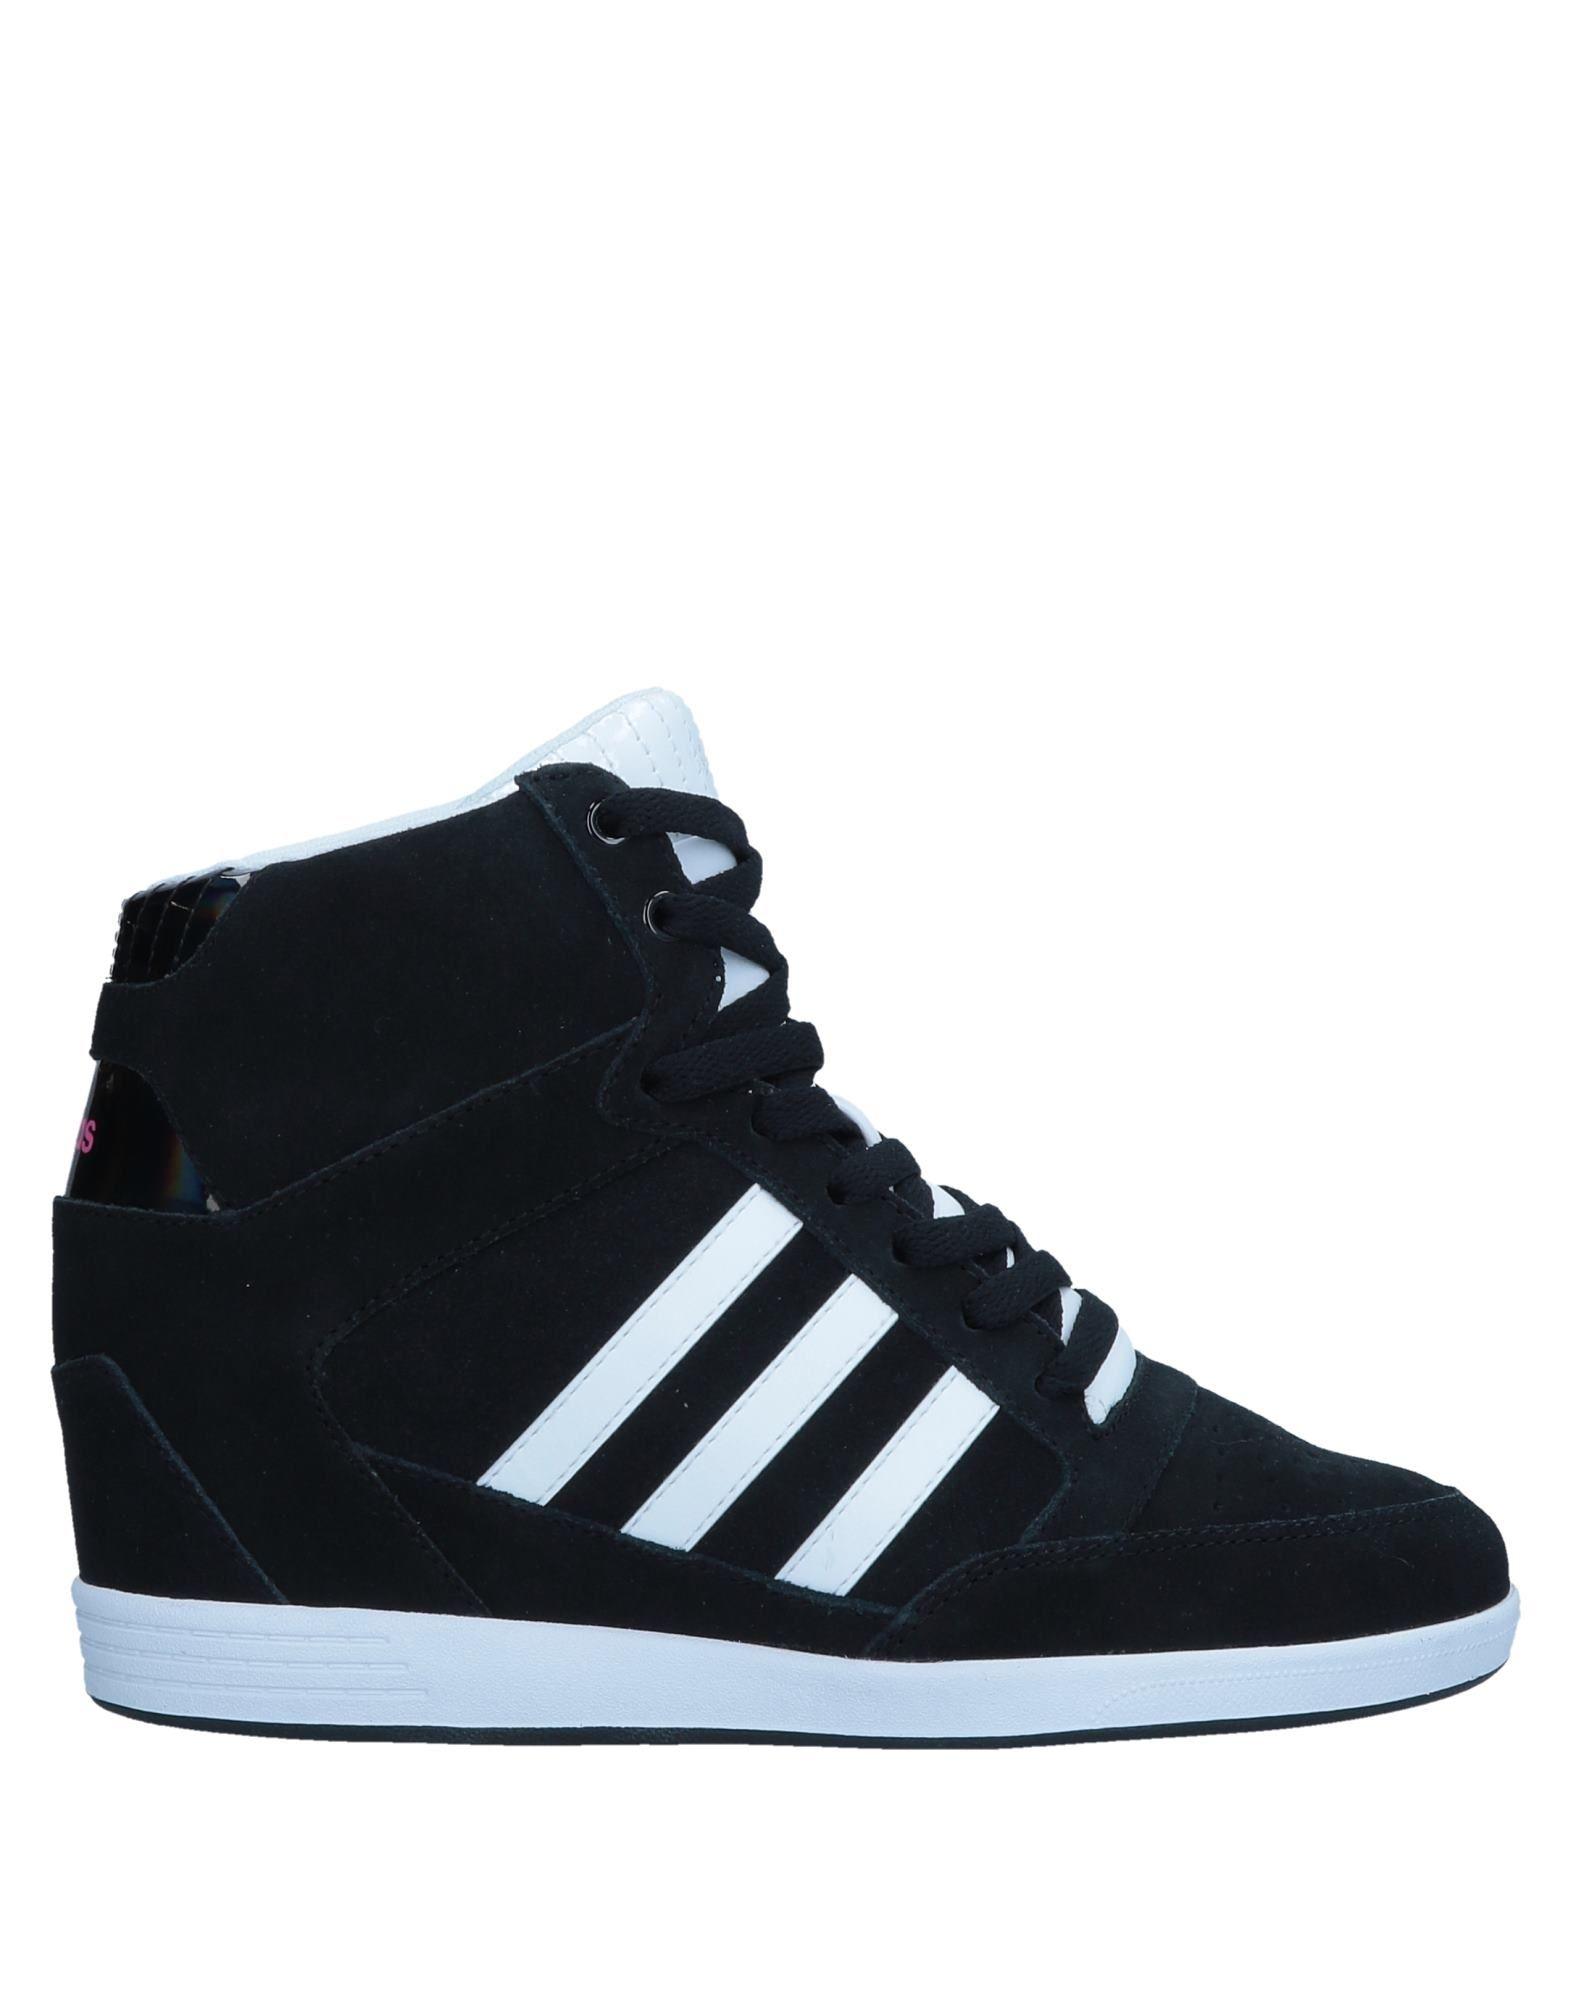 ADIDAS NEO Высокие кеды и кроссовки original adidas neo women s pants m32296 sportswear